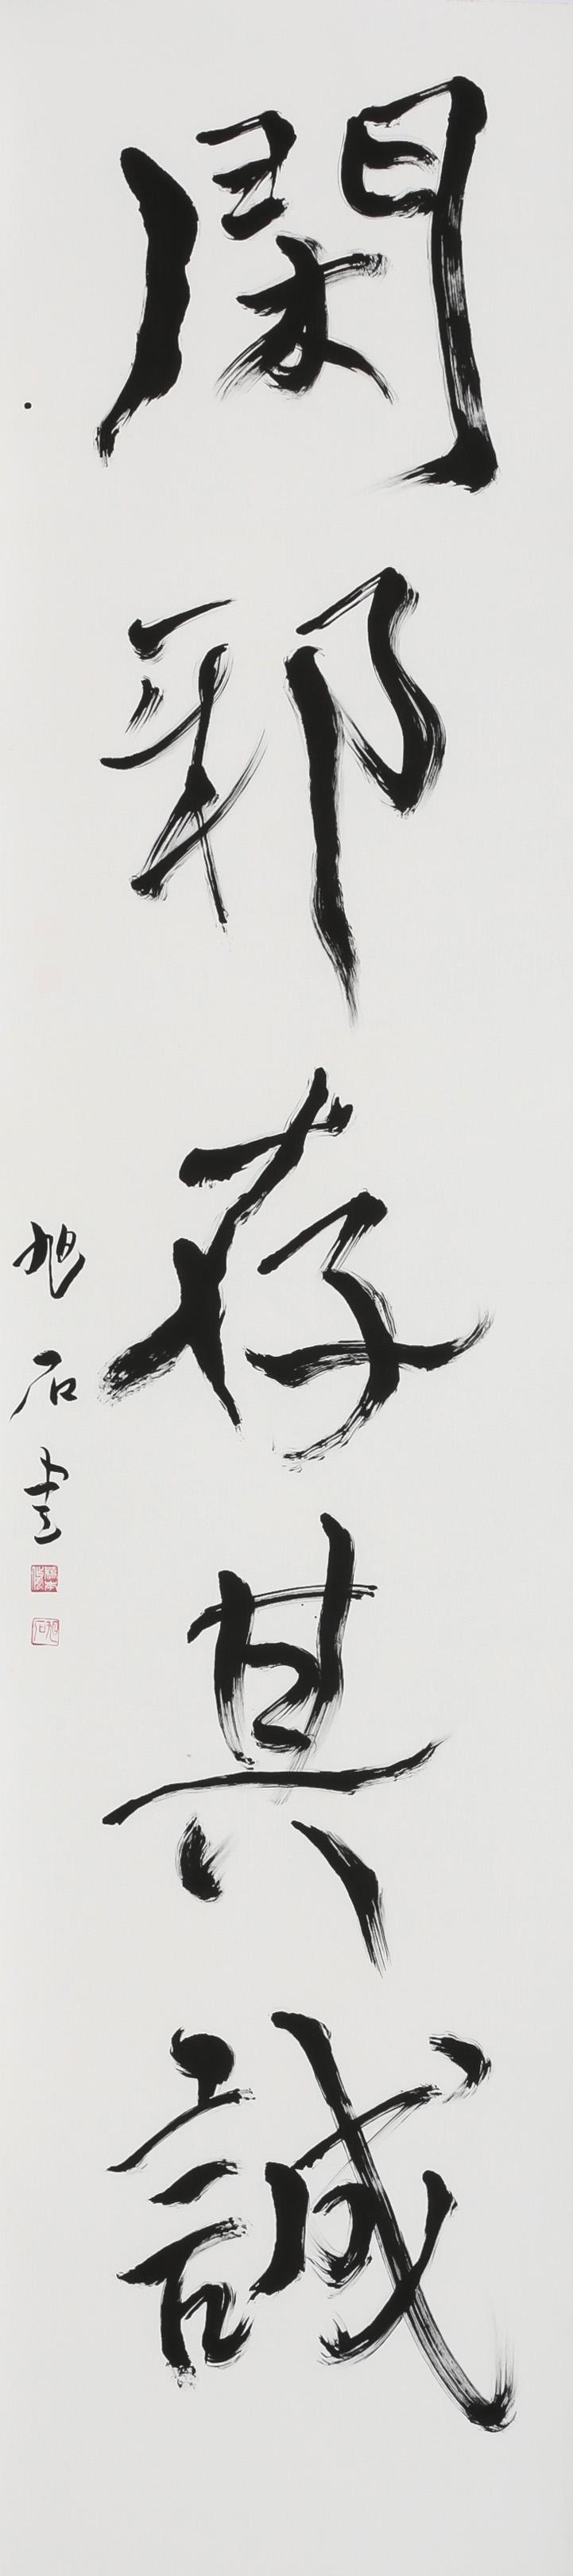 第34回産経国際書展出品作品「閑邪存其誠」(縦234×横53センチ)